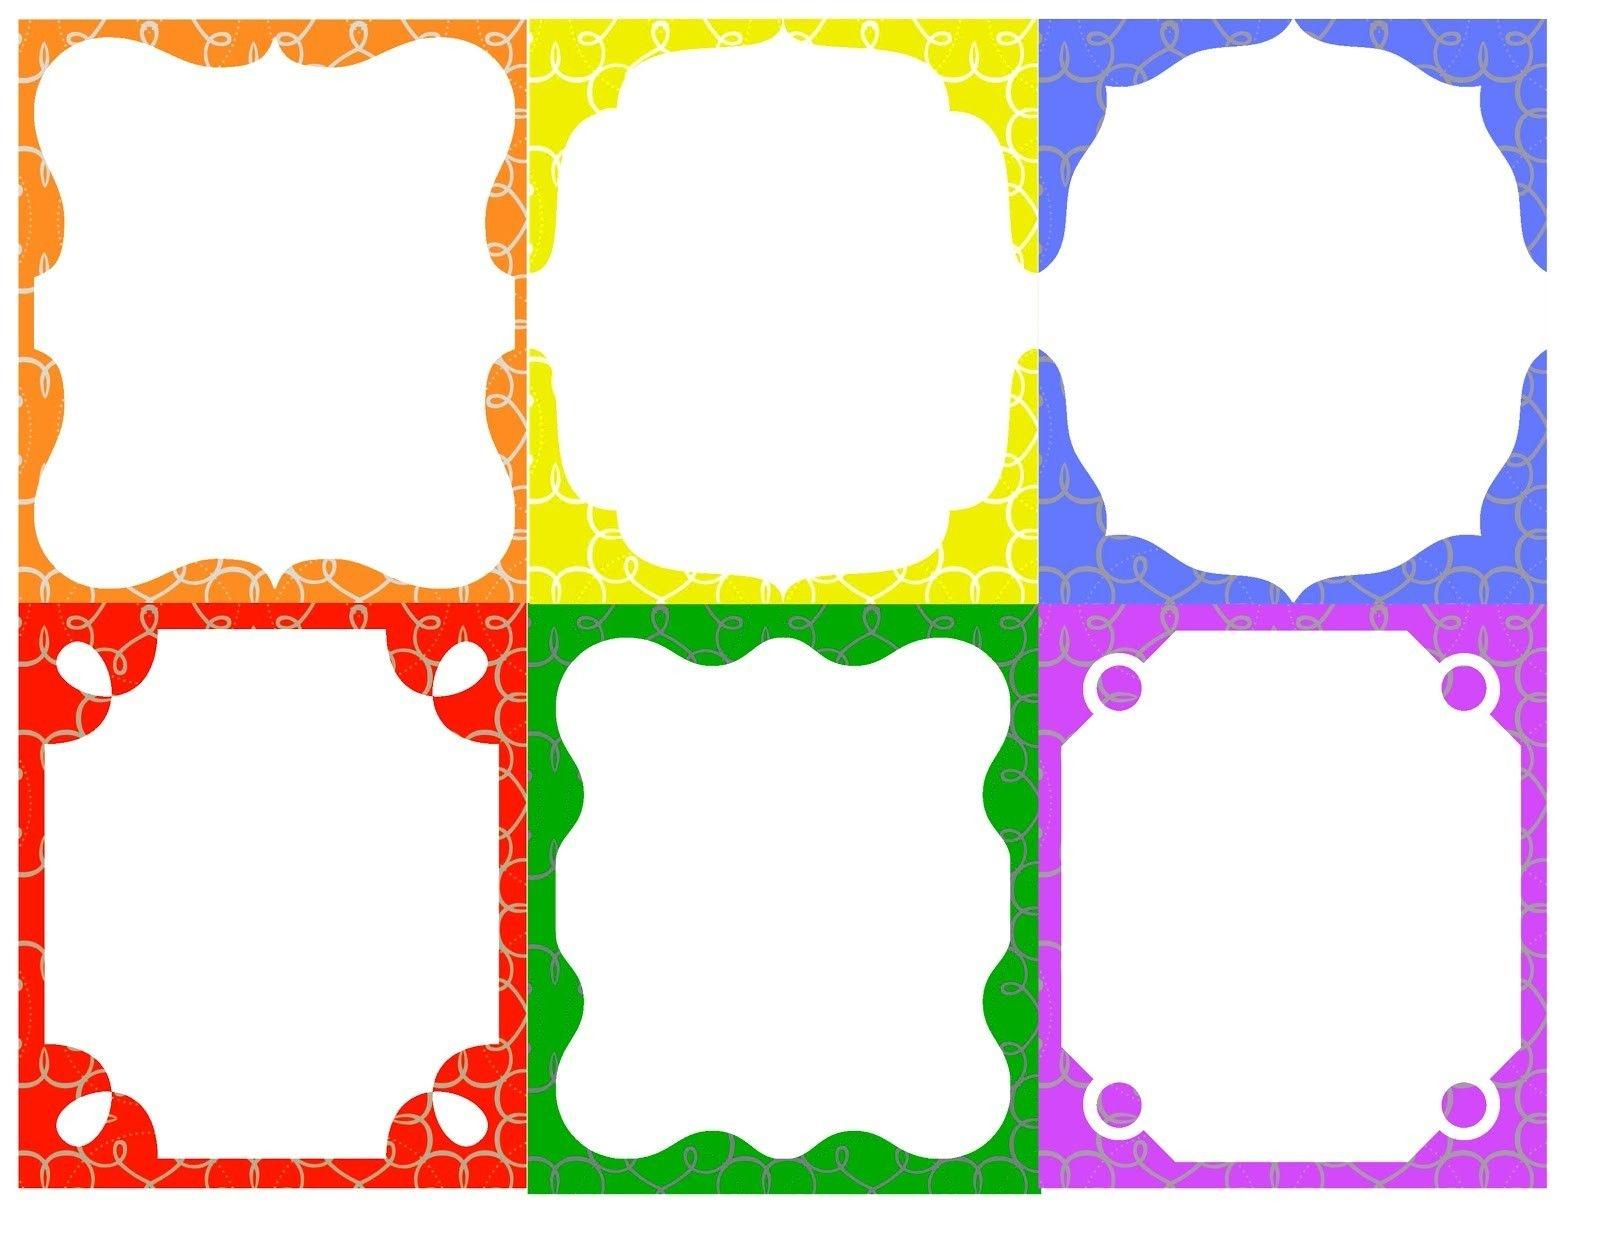 Name+Tag+Templates+Printable+For+Kids | Name Tags | Name Tag - Free Printable Crayon Name Tags